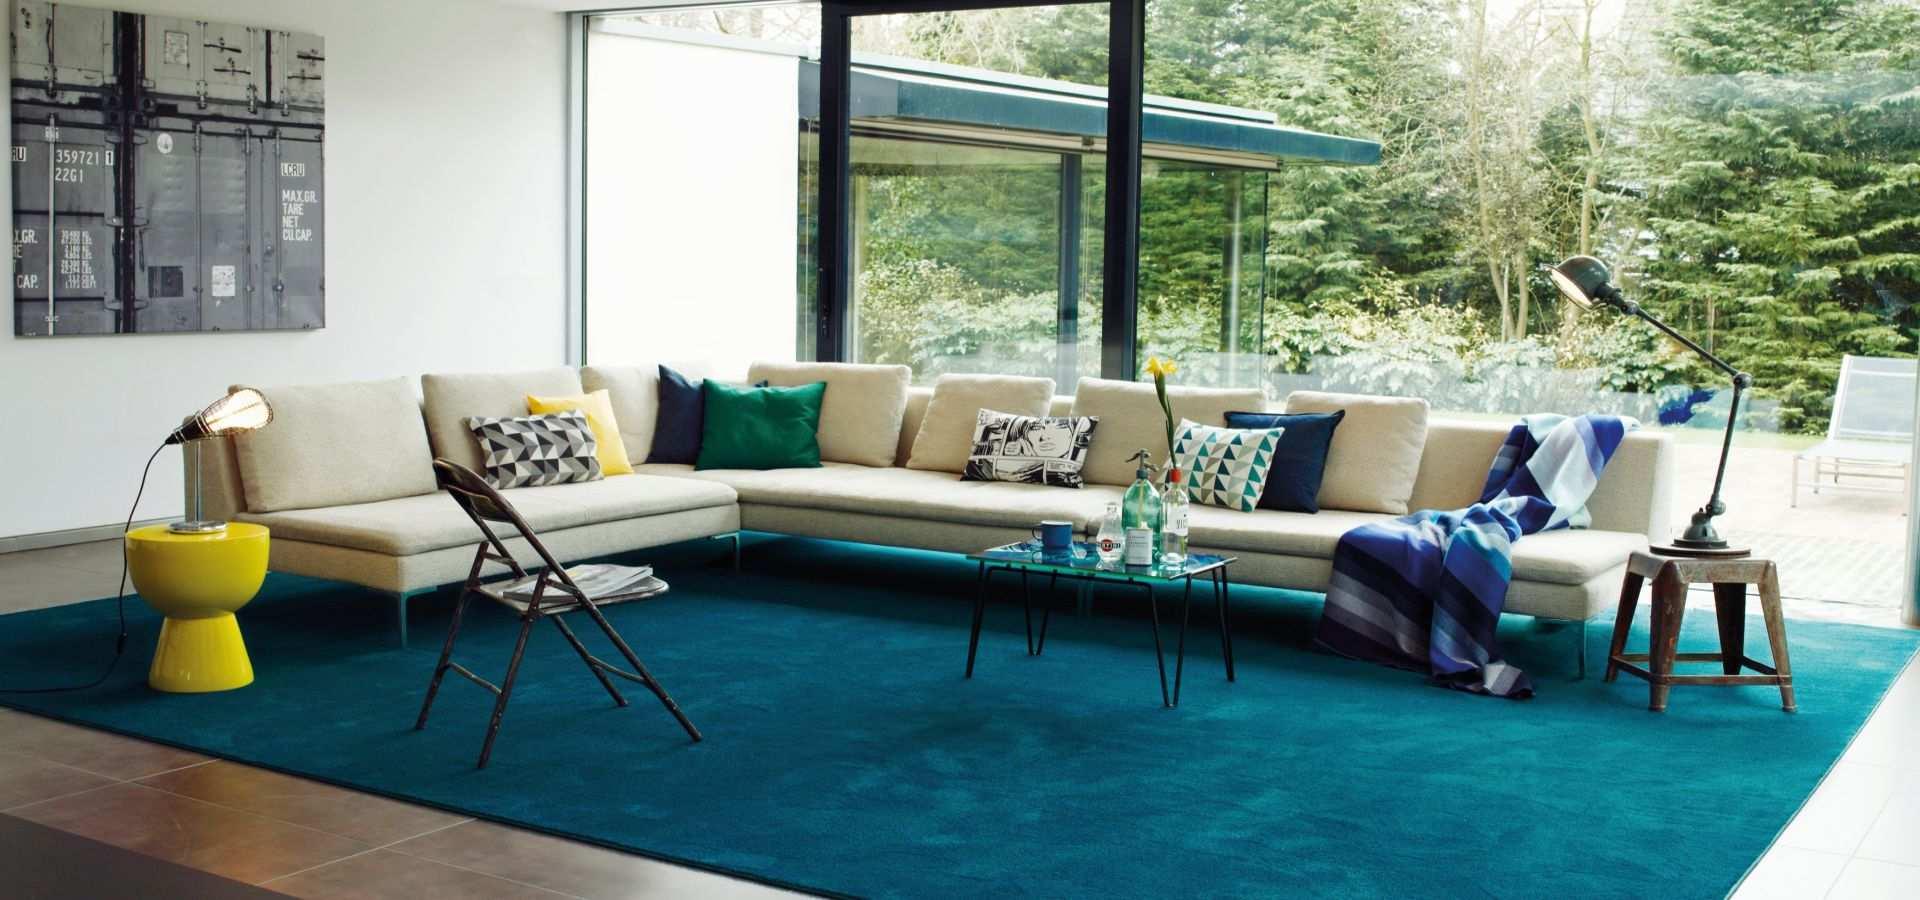 Bild Wohnzimmer Teppichboden Soft Touch türkis